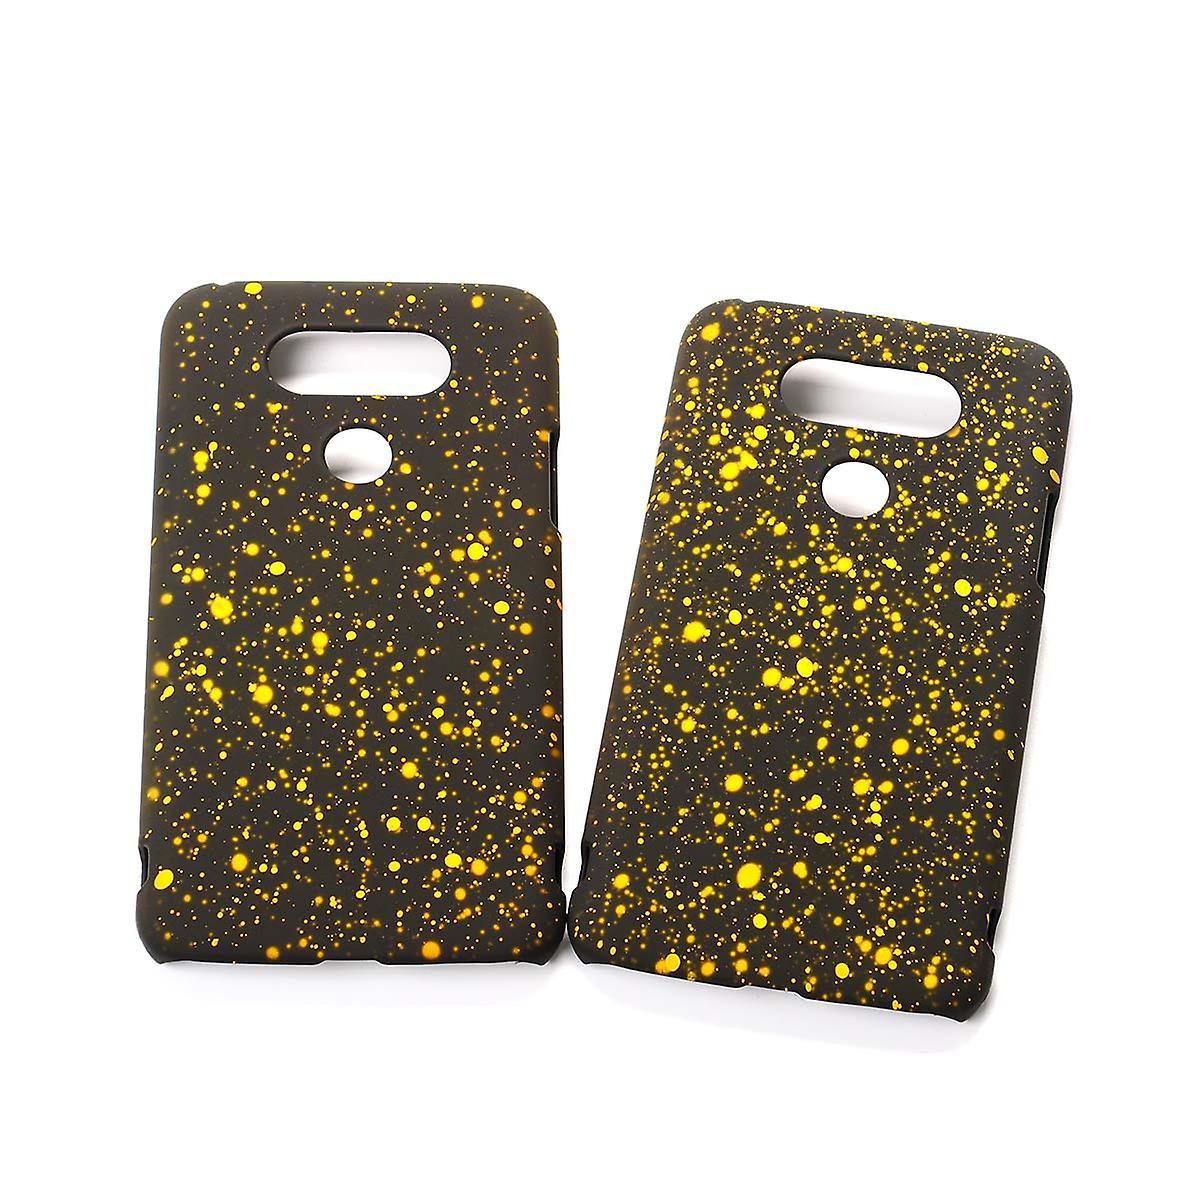 Handy Hülle Schutz Case Bumper Schale für LG G5 3D Sterne Gelb